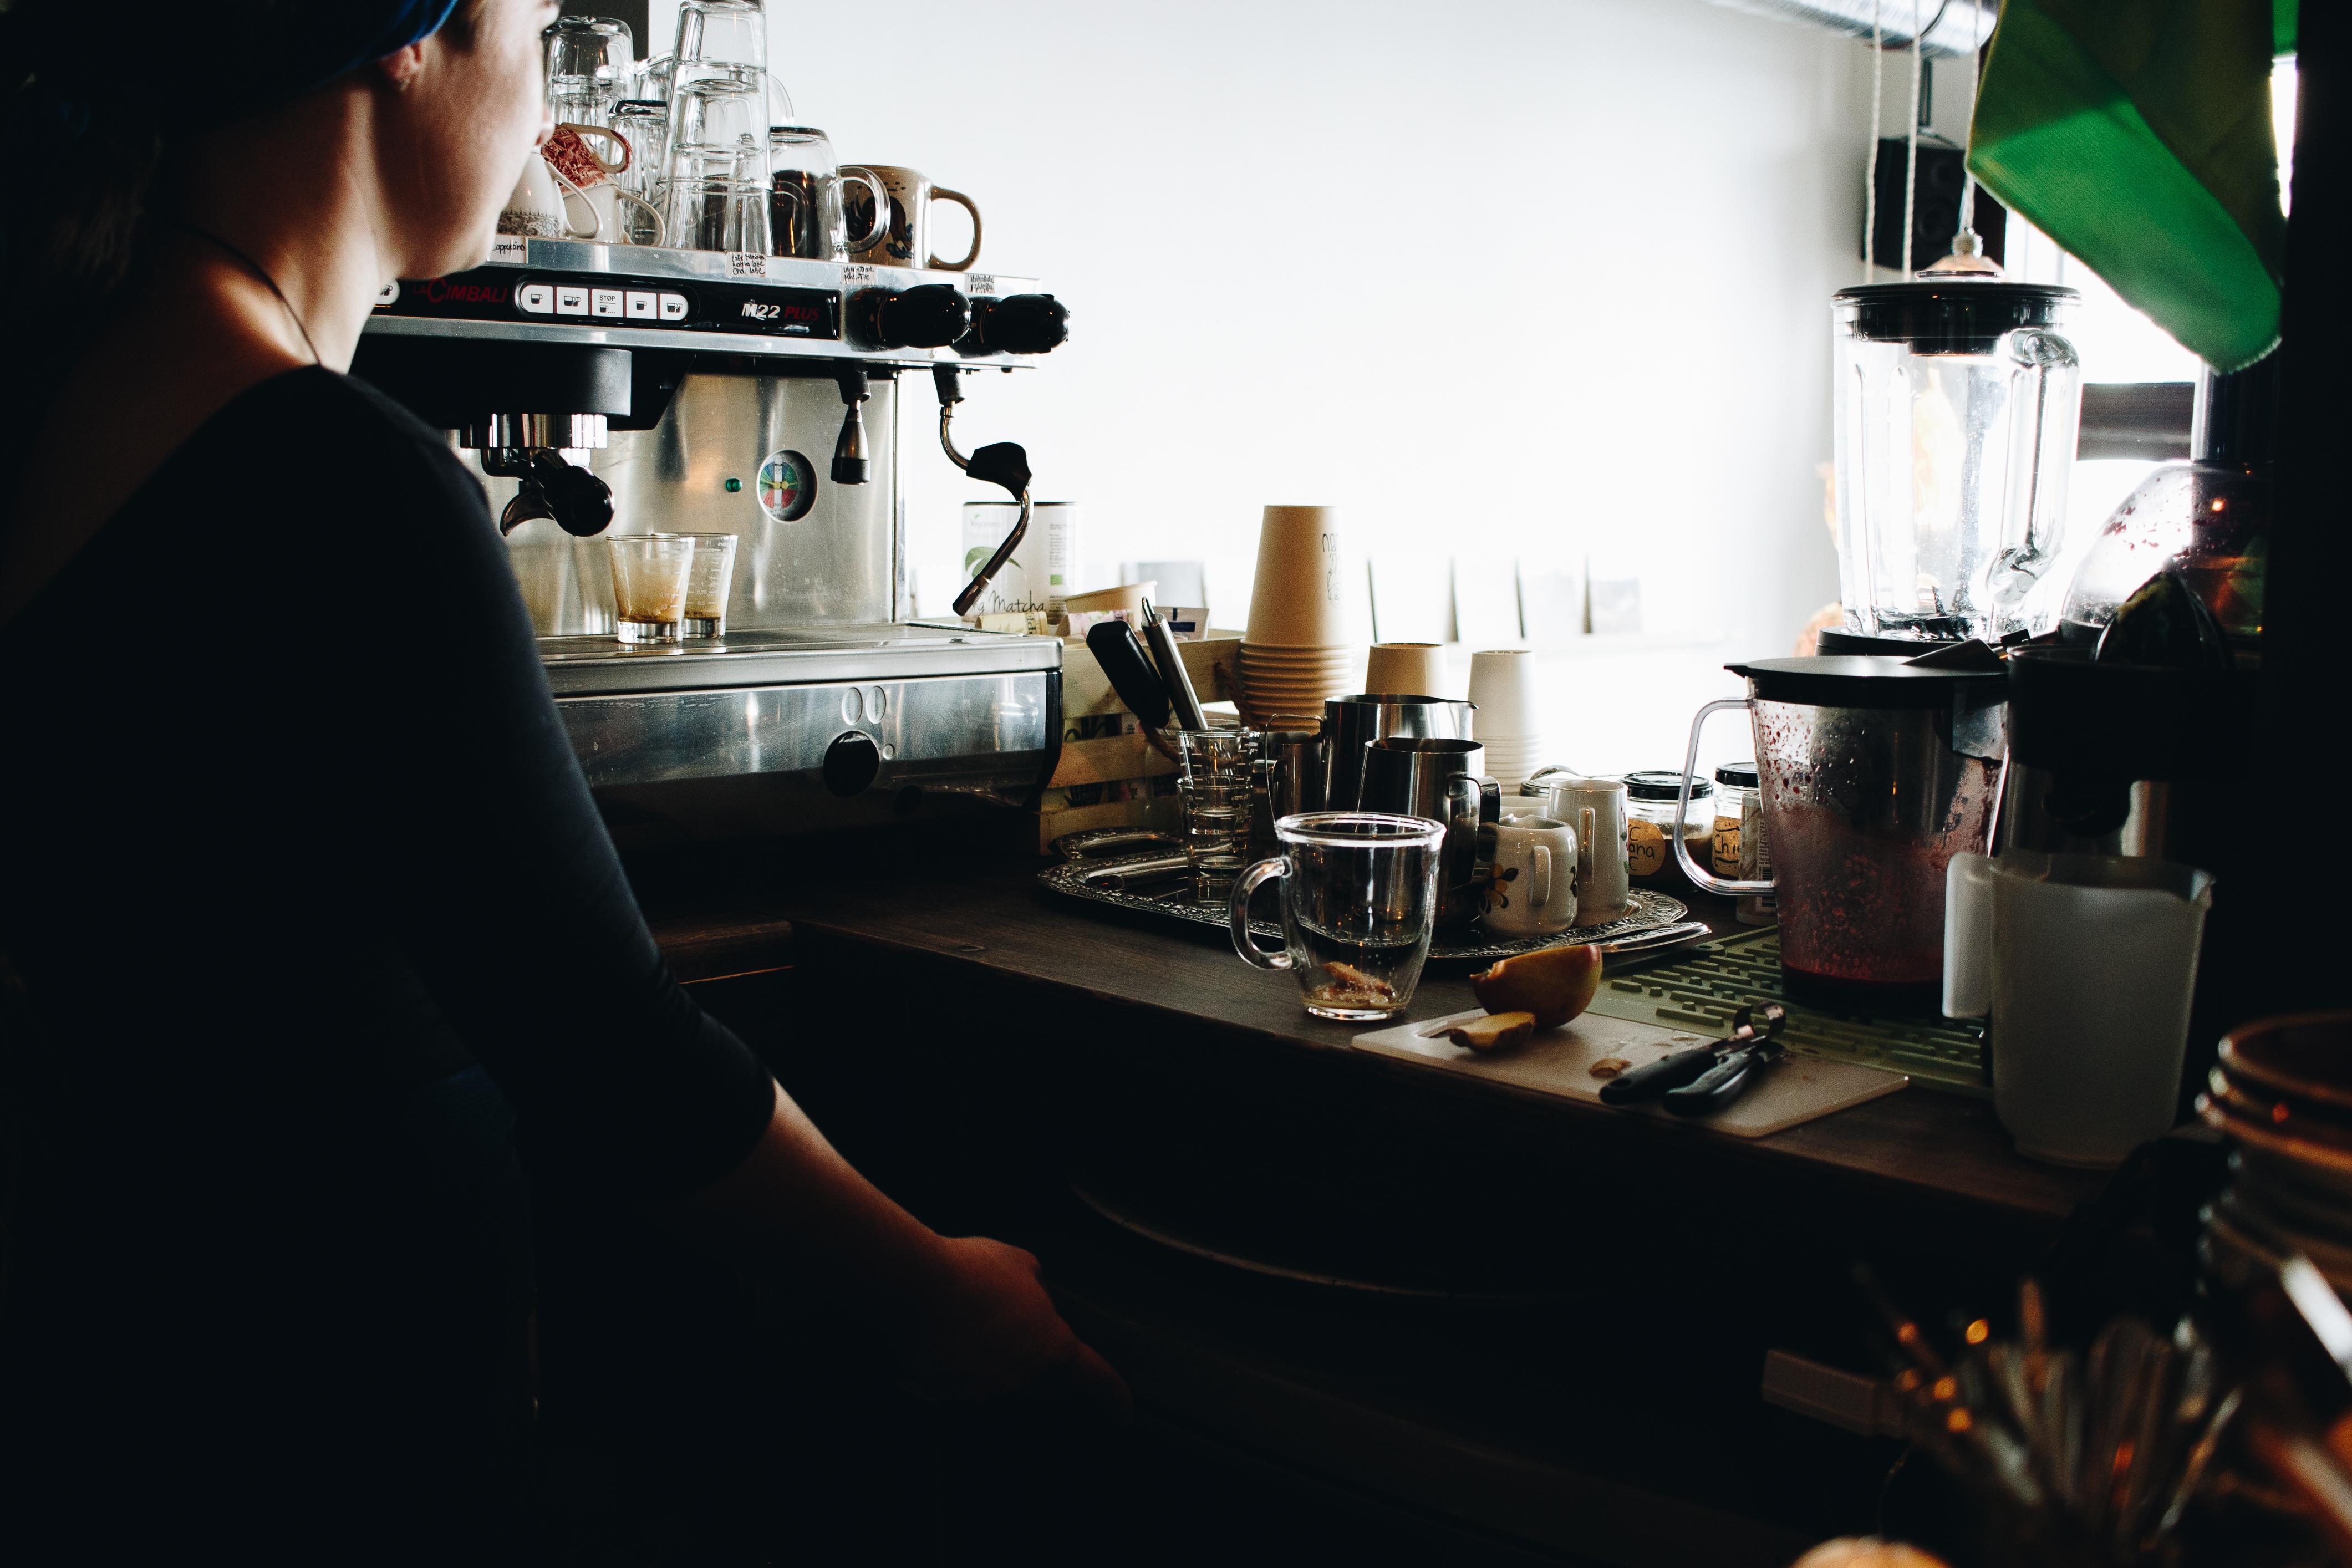 café bubu-reudnitz-annabelle sagt-leipzig33